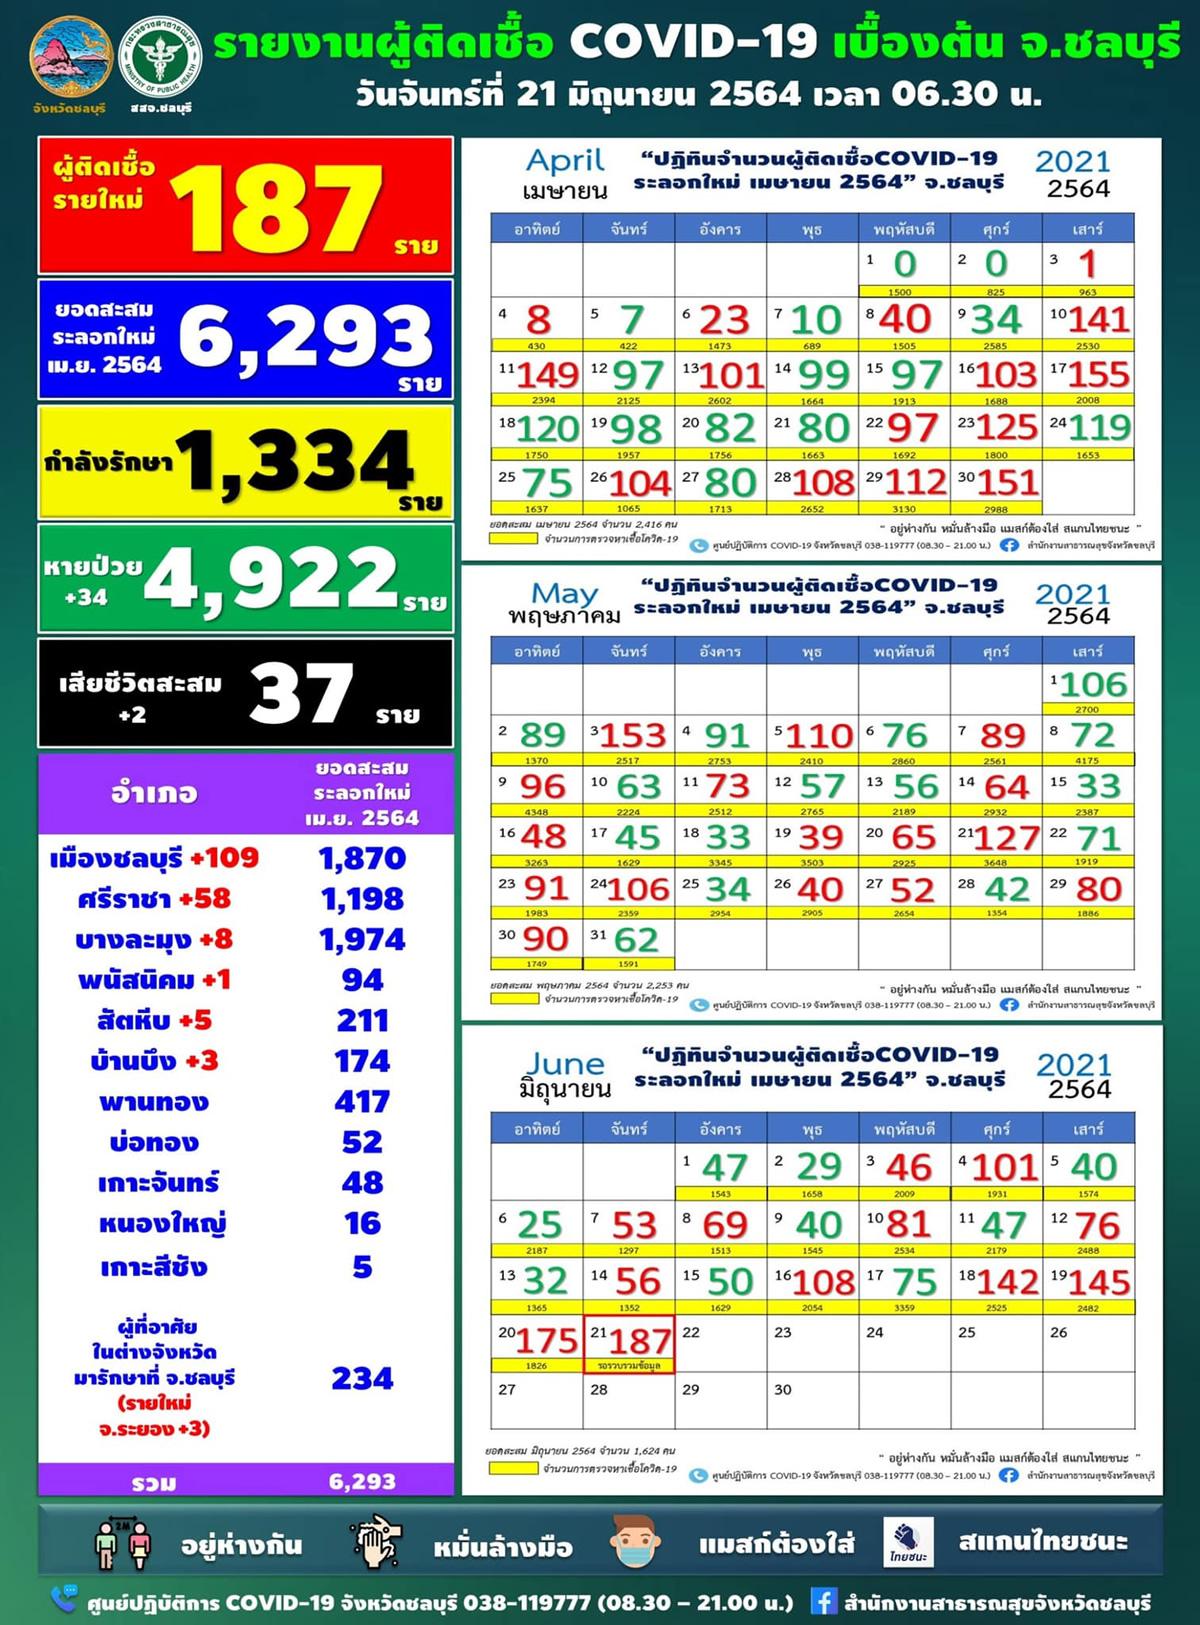 チョンブリ県 187人が陽性/ムアンチョンブリ108人/シラチャ58人[2021年6月21日発表]